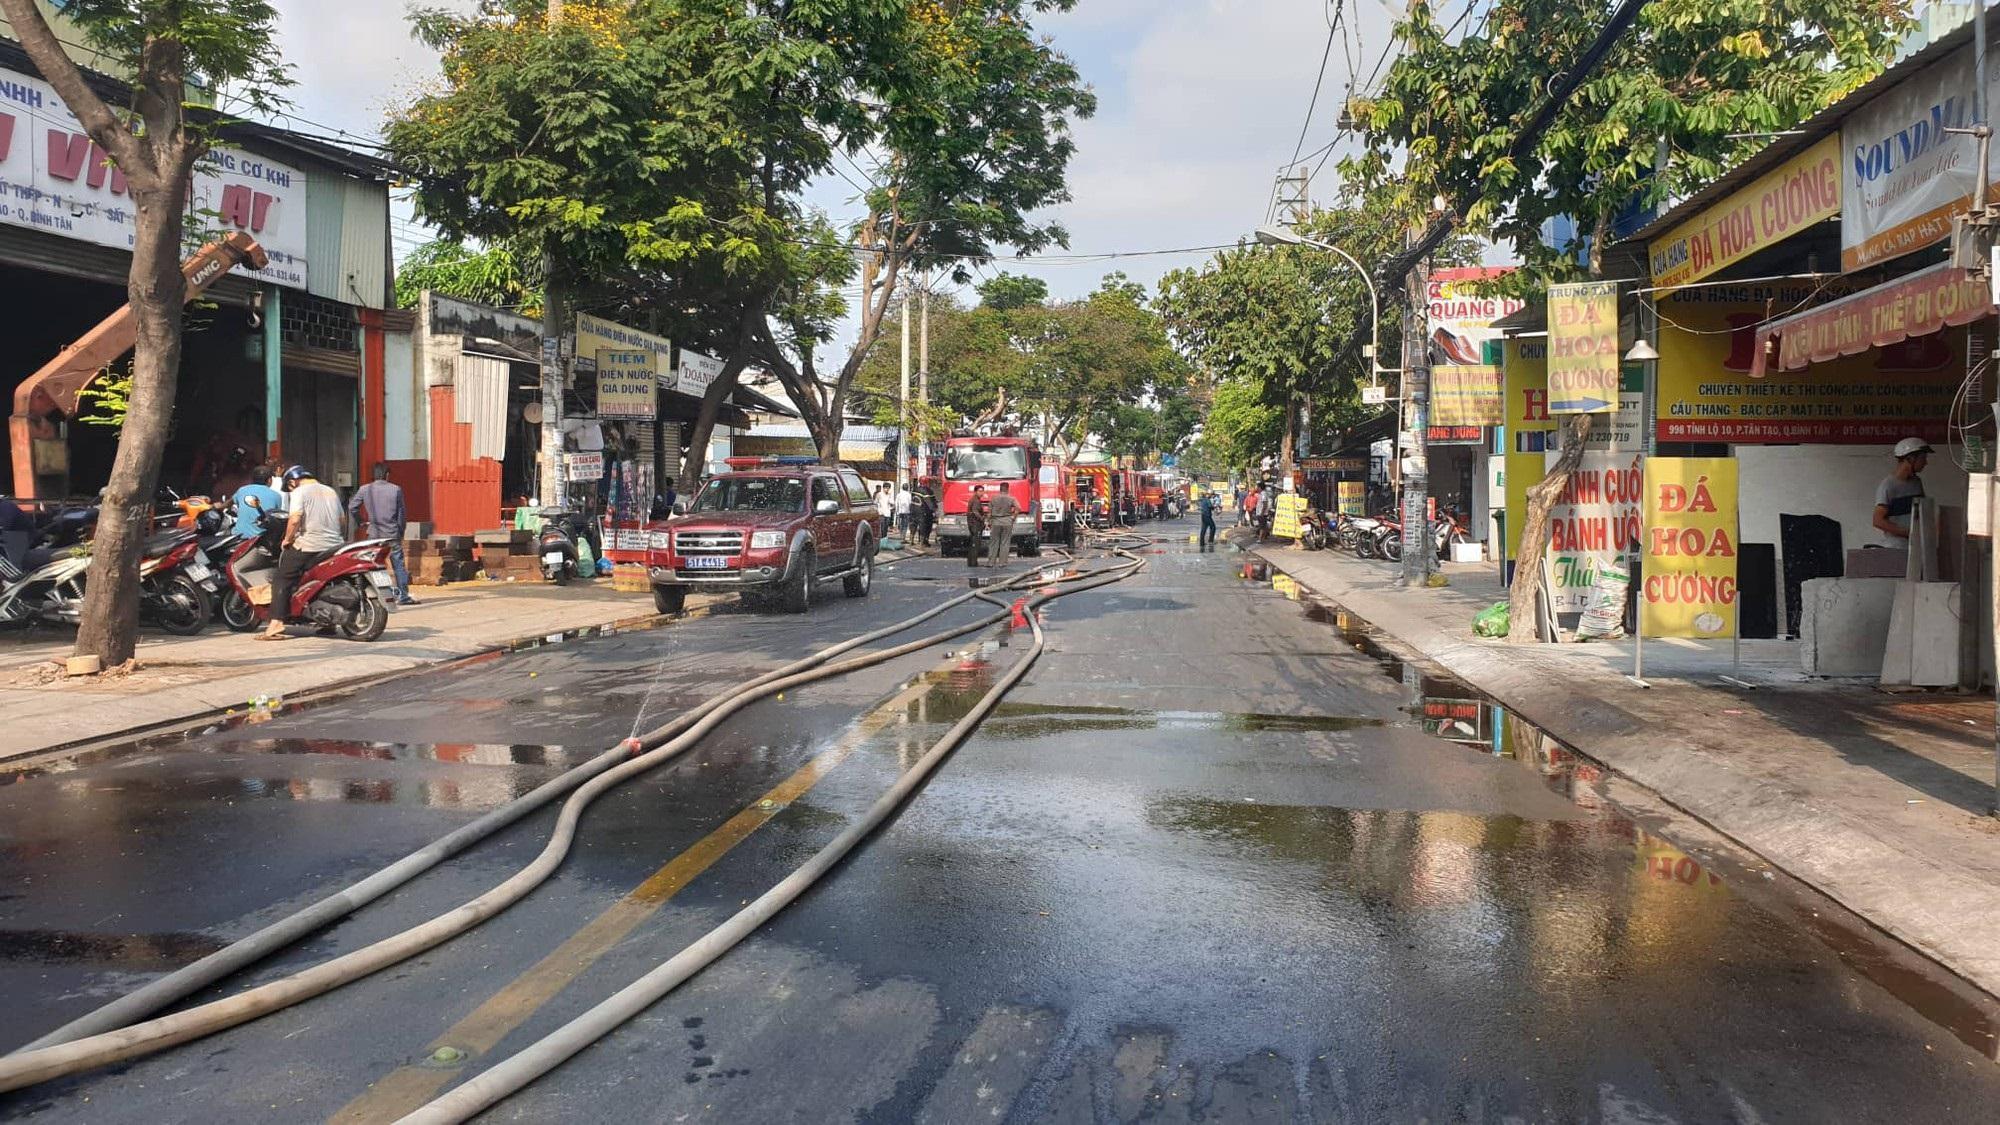 Kho xưởng chứa rau củ quả đổ sập sau đám cháy kinh hoàng ở Sài Gòn - Ảnh 2